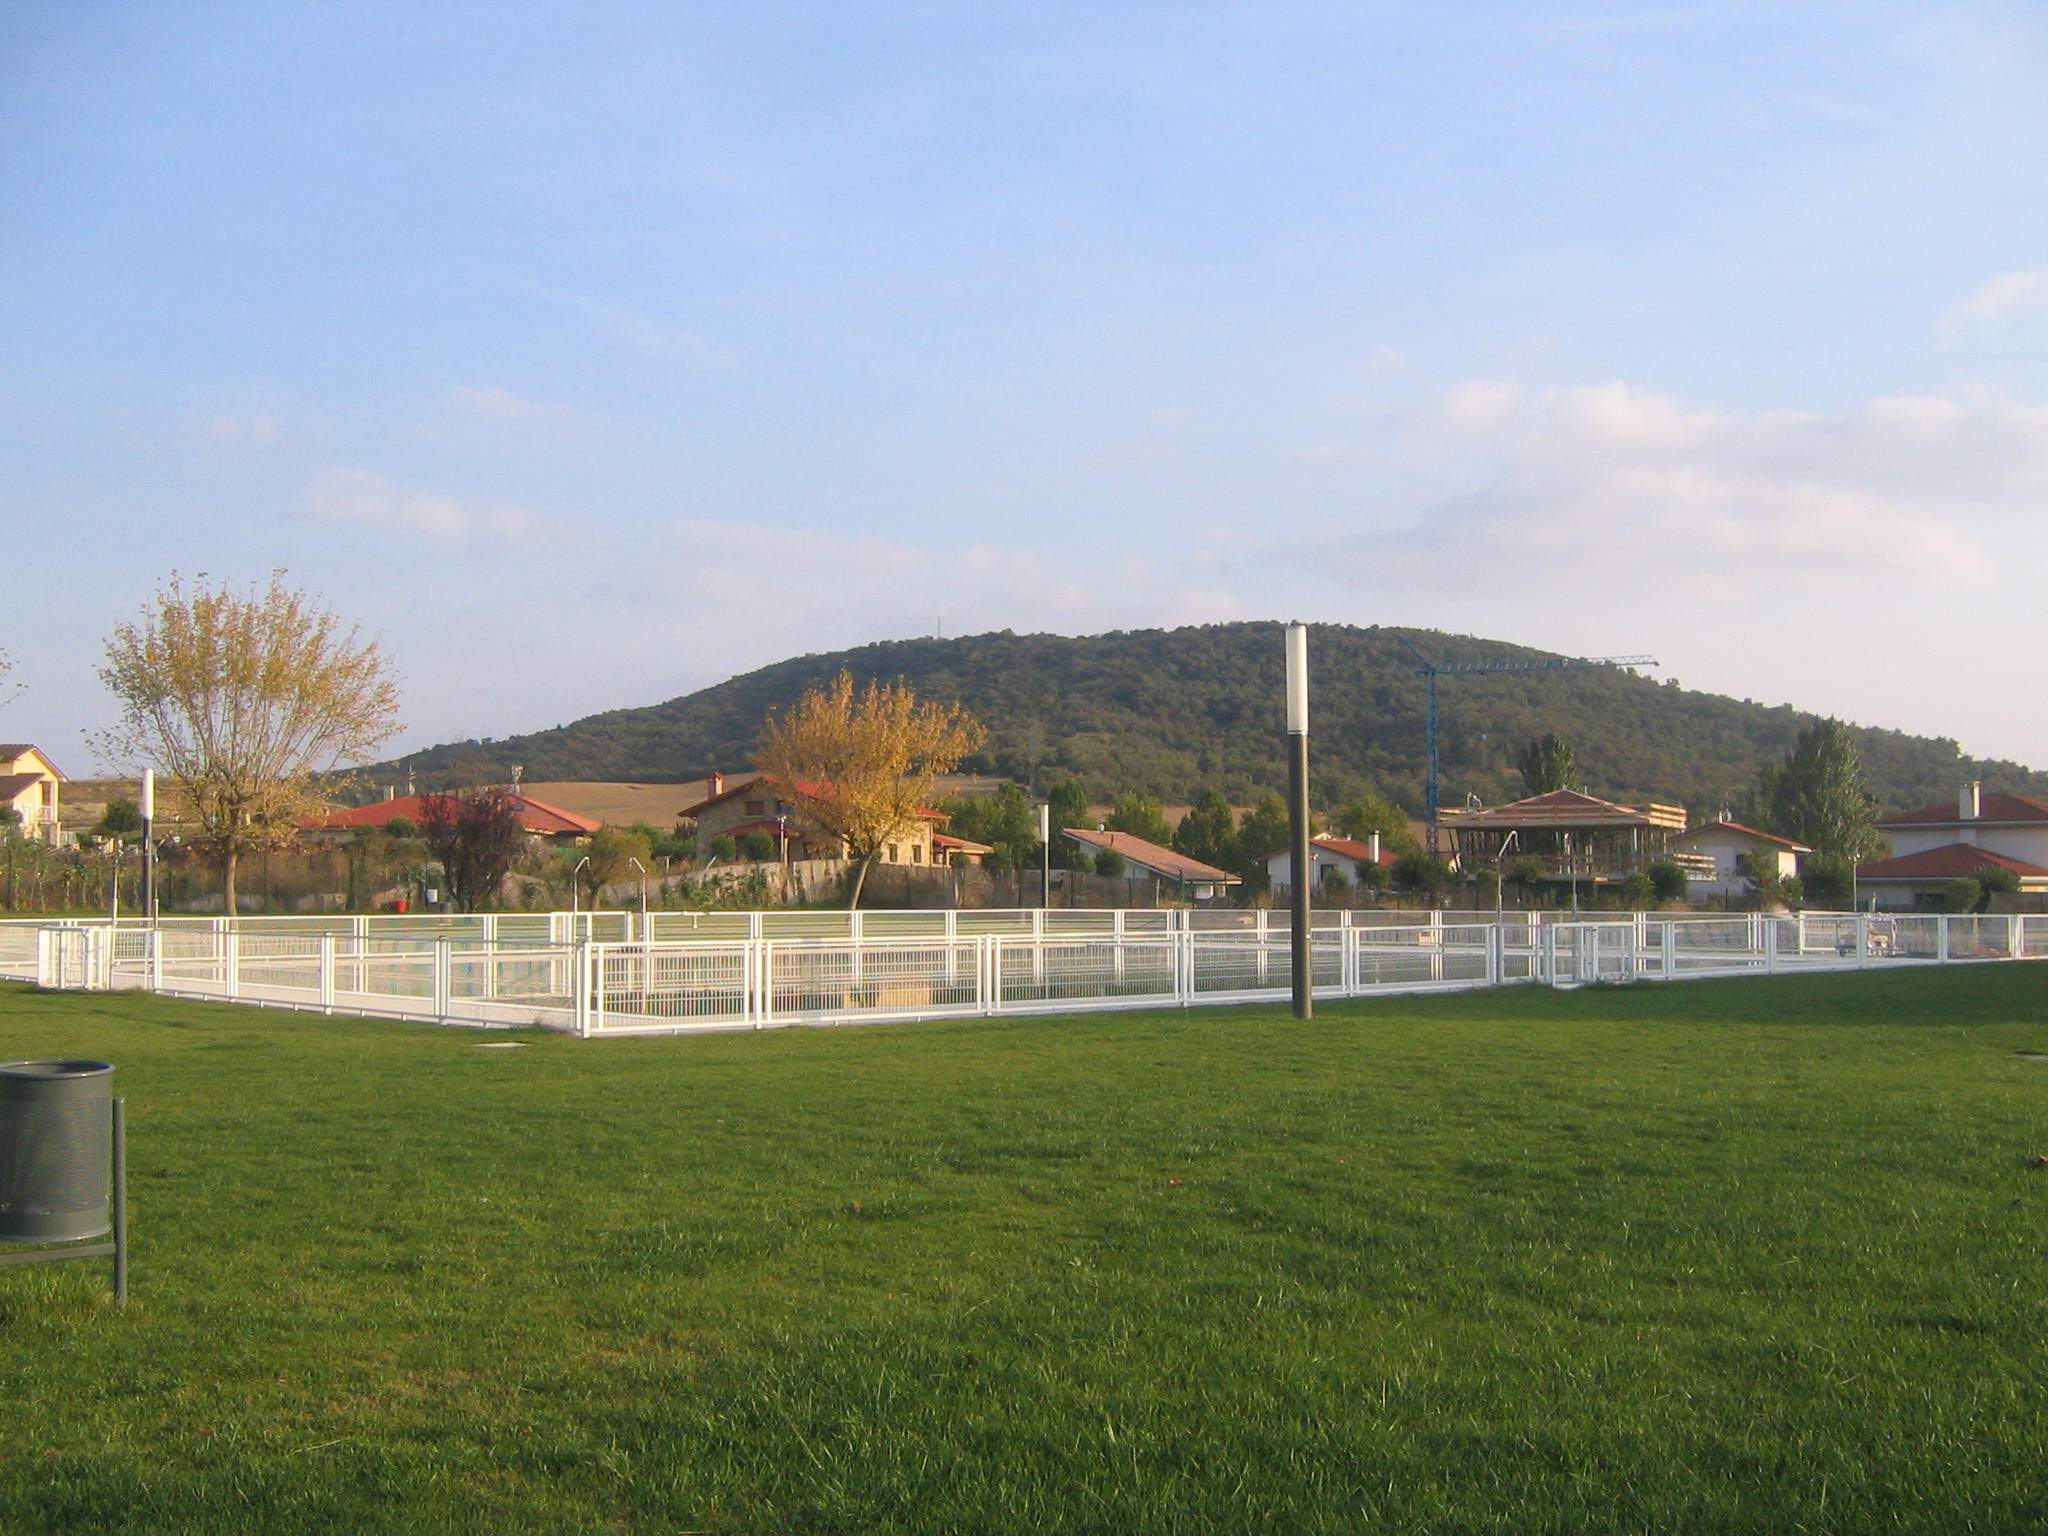 Villatuerta piscinas municipales - Piscinas municipales portugalete ...